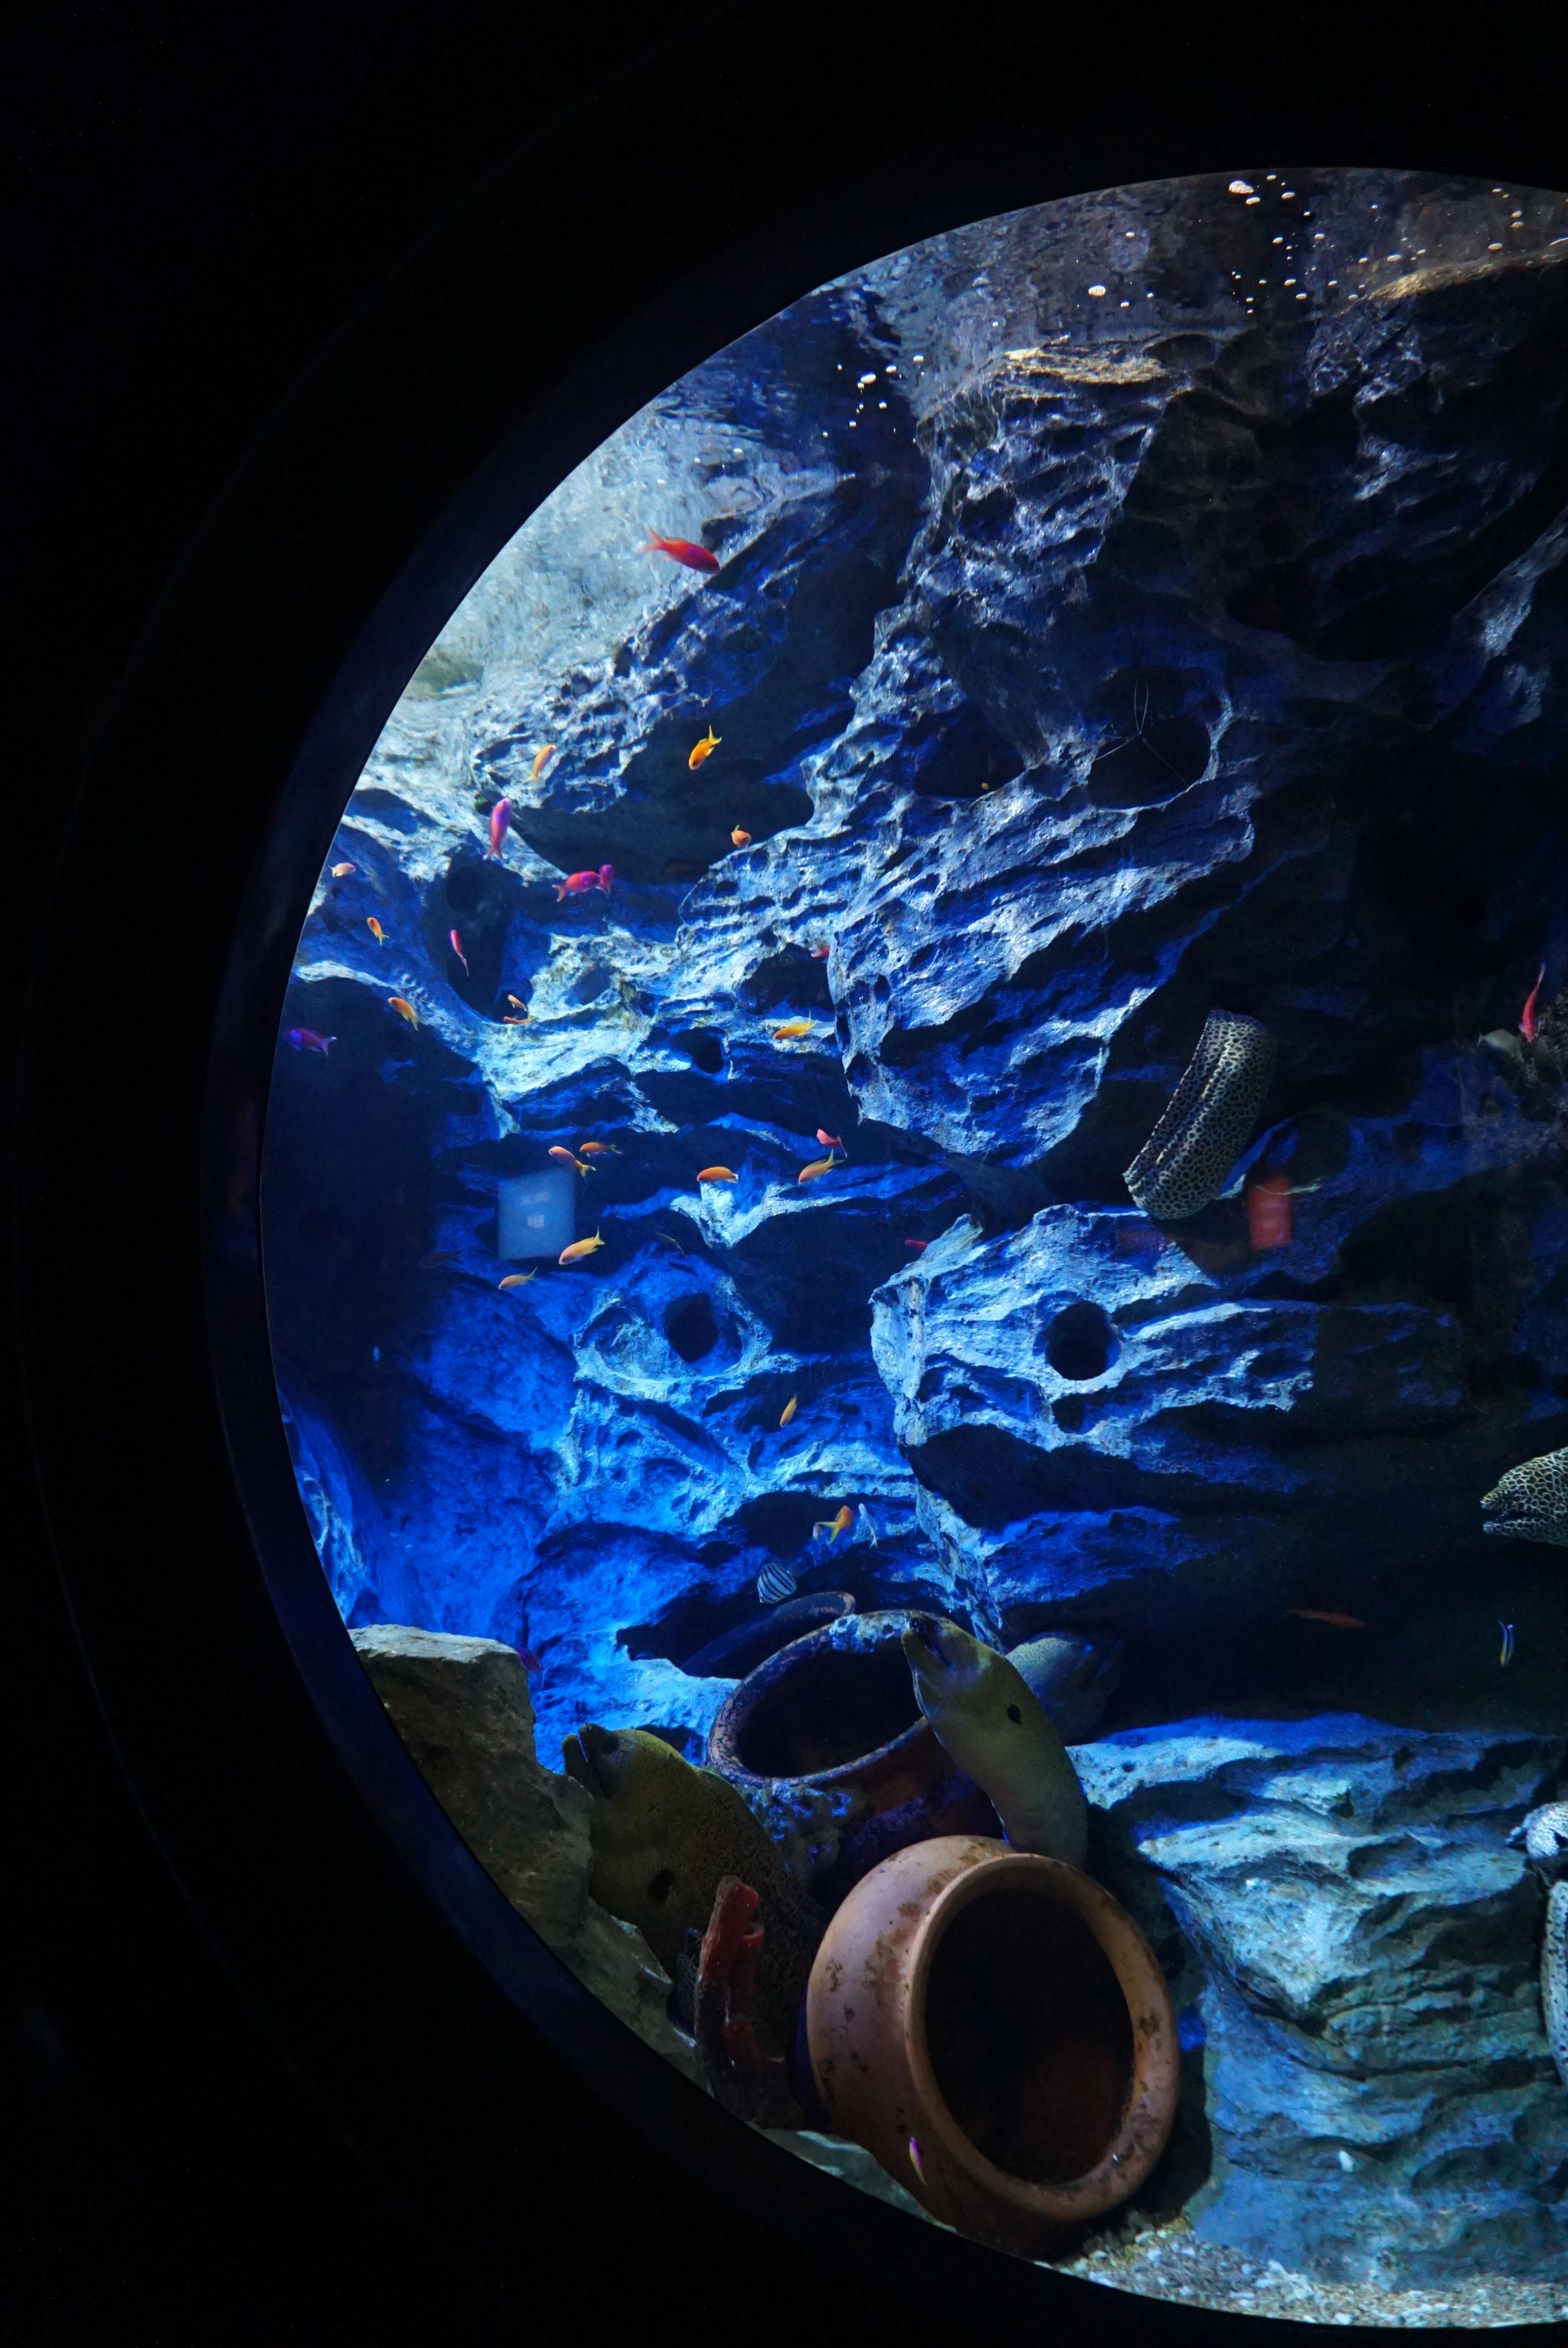 aquatic decoration